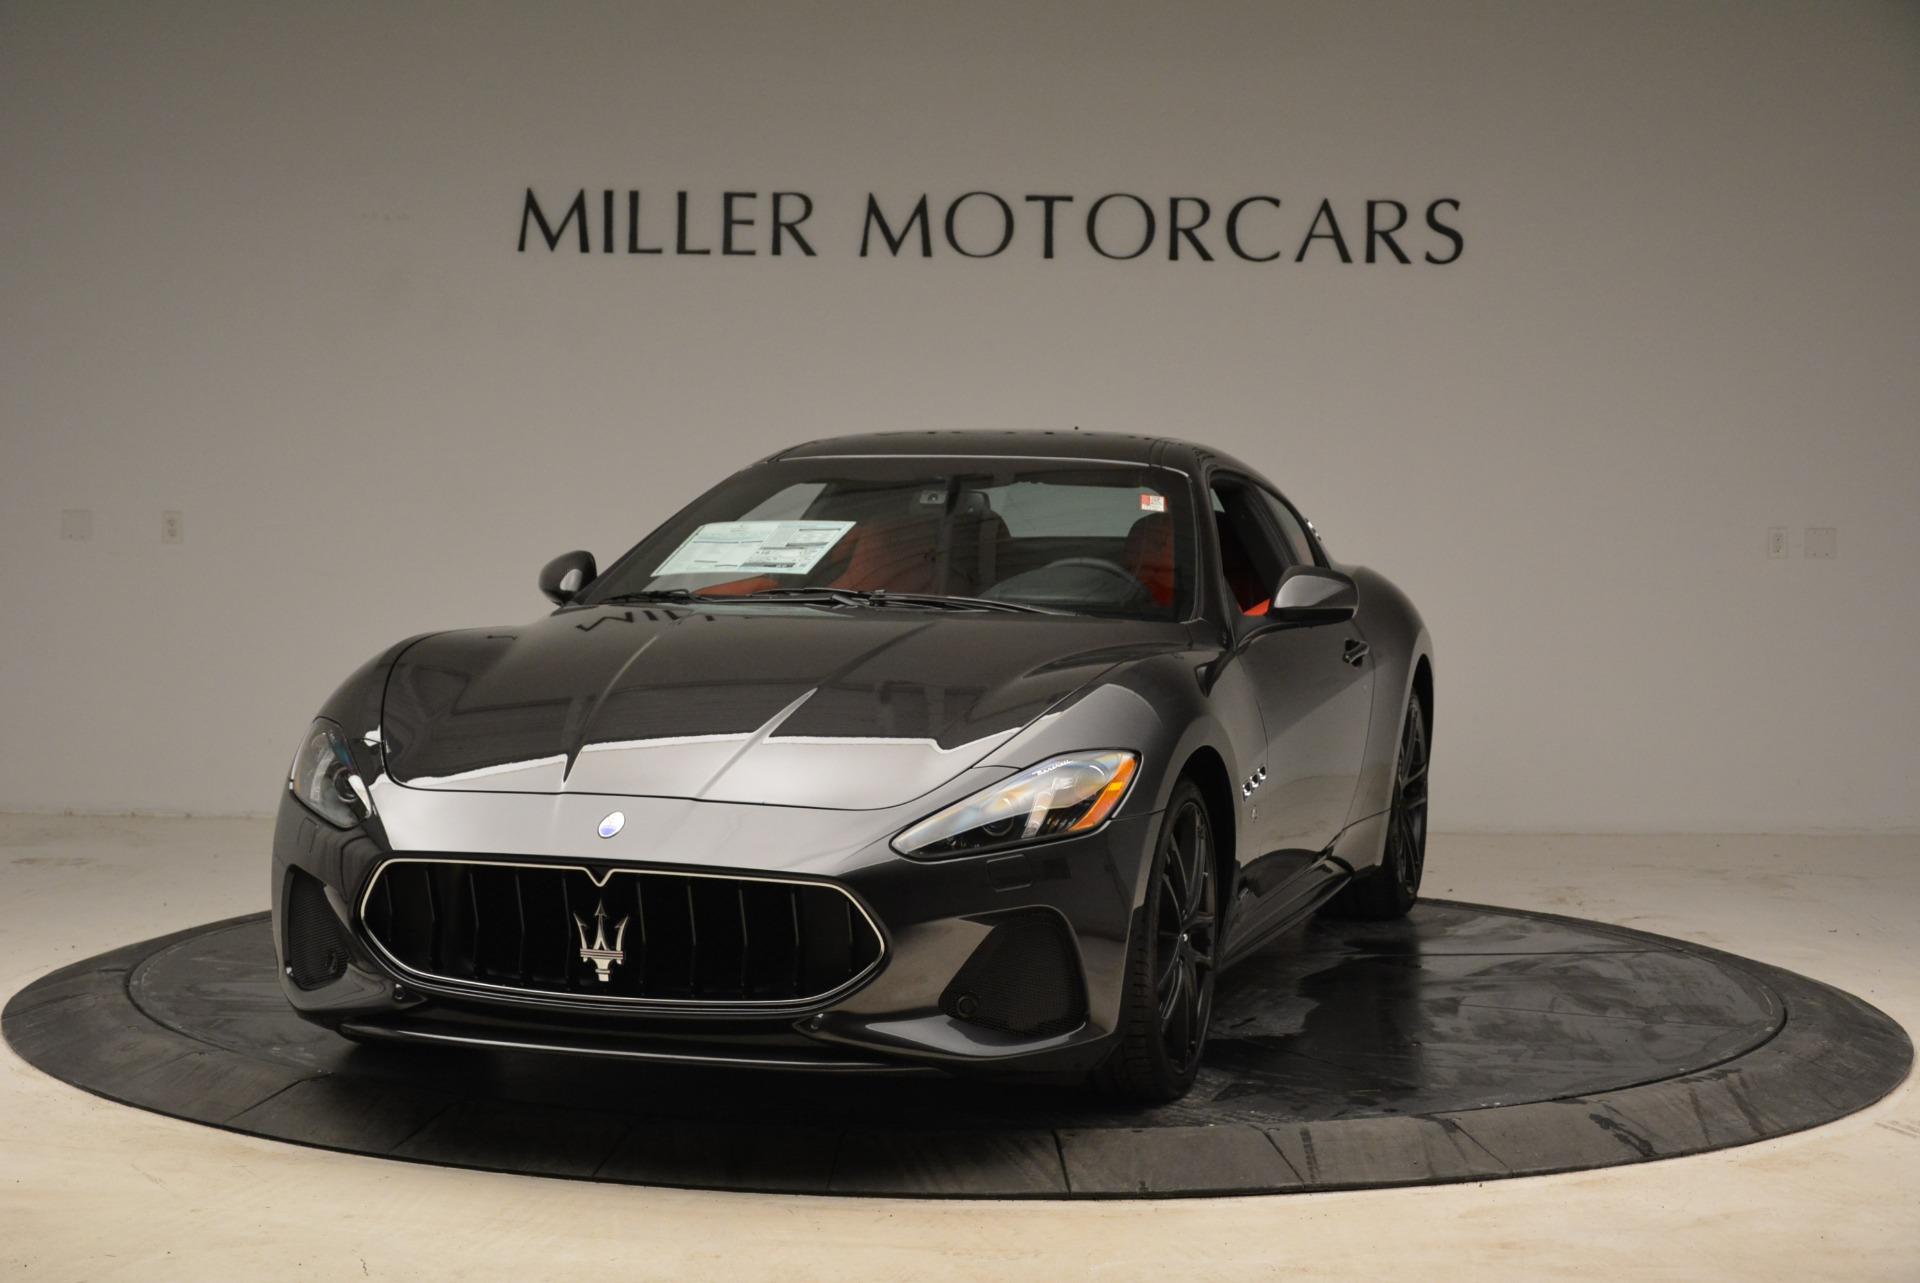 New 2018 Maserati GranTurismo Sport For Sale In Greenwich, CT 2426_main